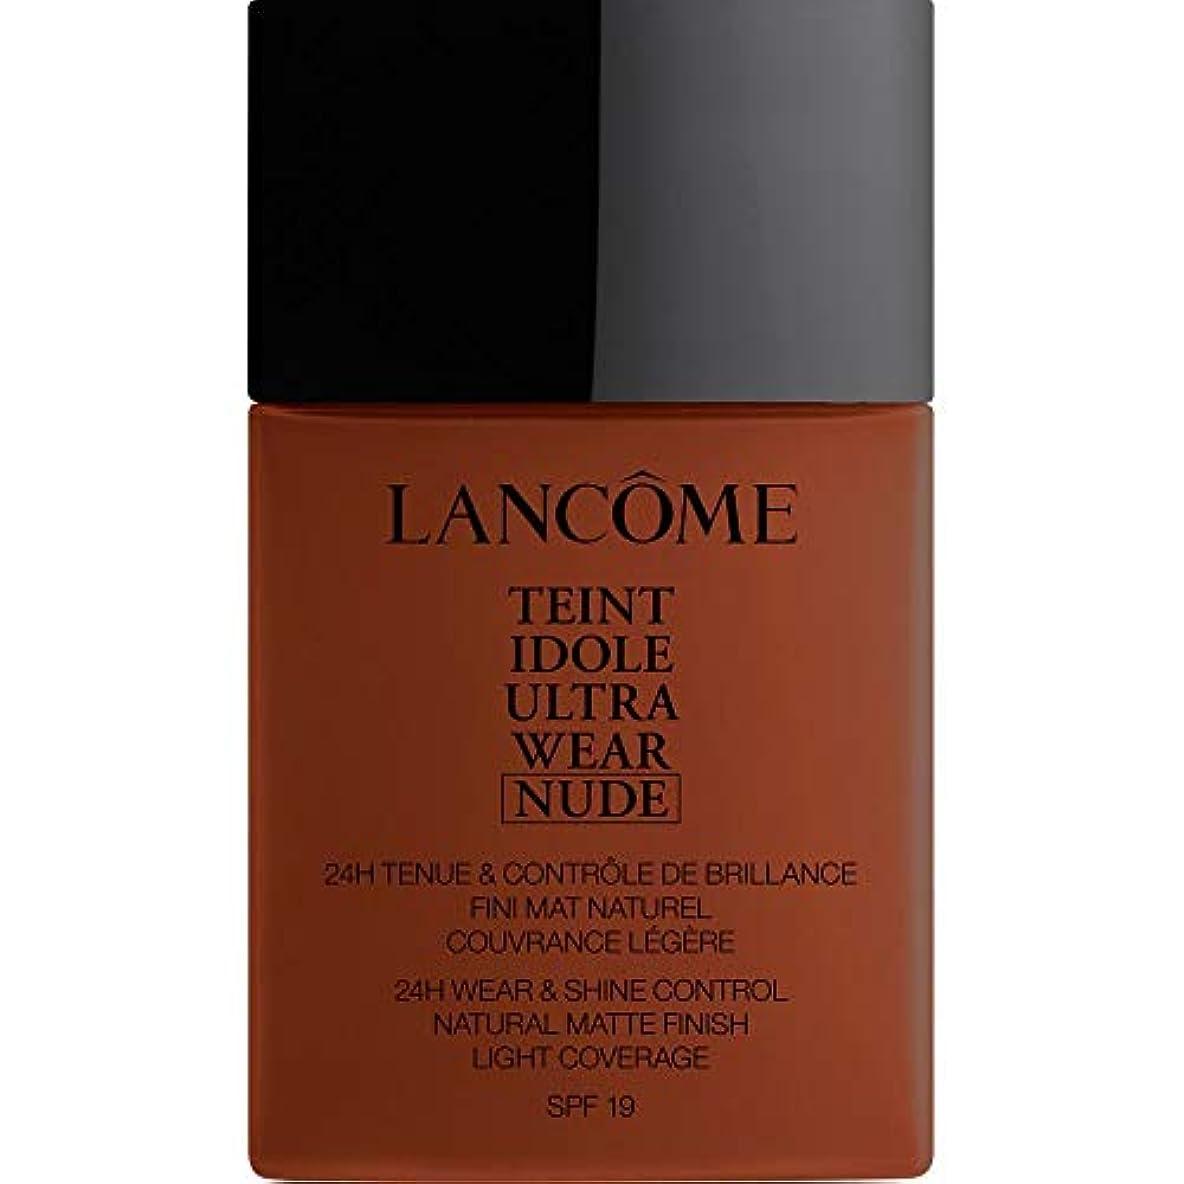 鉄裂け目建設[Lanc?me ] ランコムTeintのIdole超摩耗ヌード財団Spf19の40ミリリットル14 - ブラウニー - Lancome Teint Idole Ultra Wear Nude Foundation SPF19...